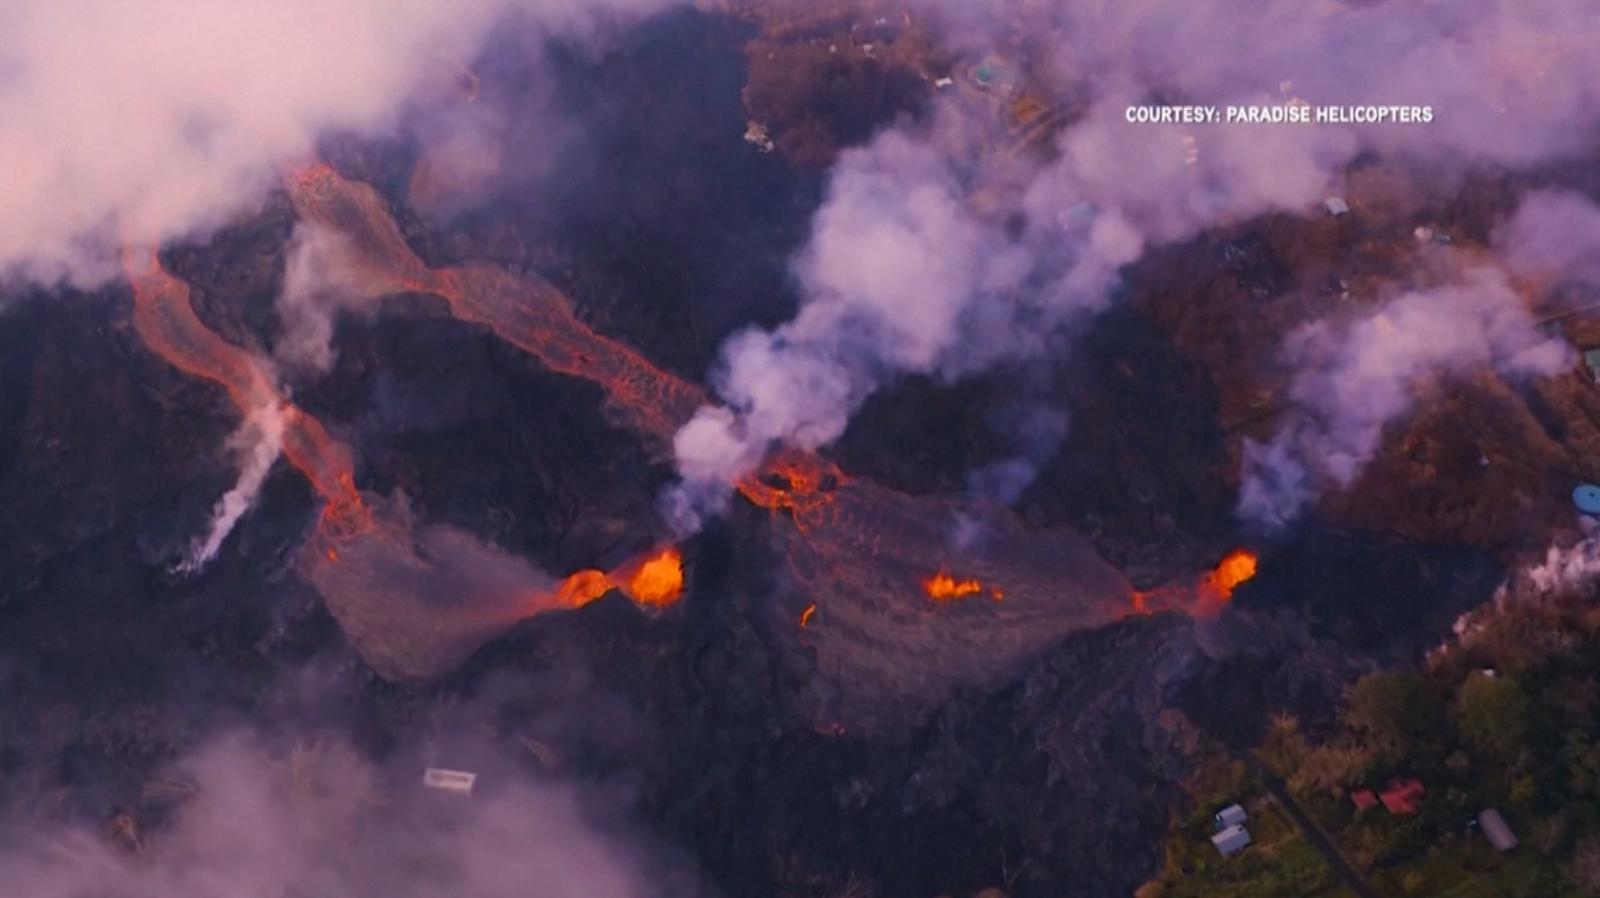 """สถานการณ์""""ภูเขาไฟคิลาเว"""" ปะทุเริ่มสงบแต่ยังต้องเฝ้าระวัง"""